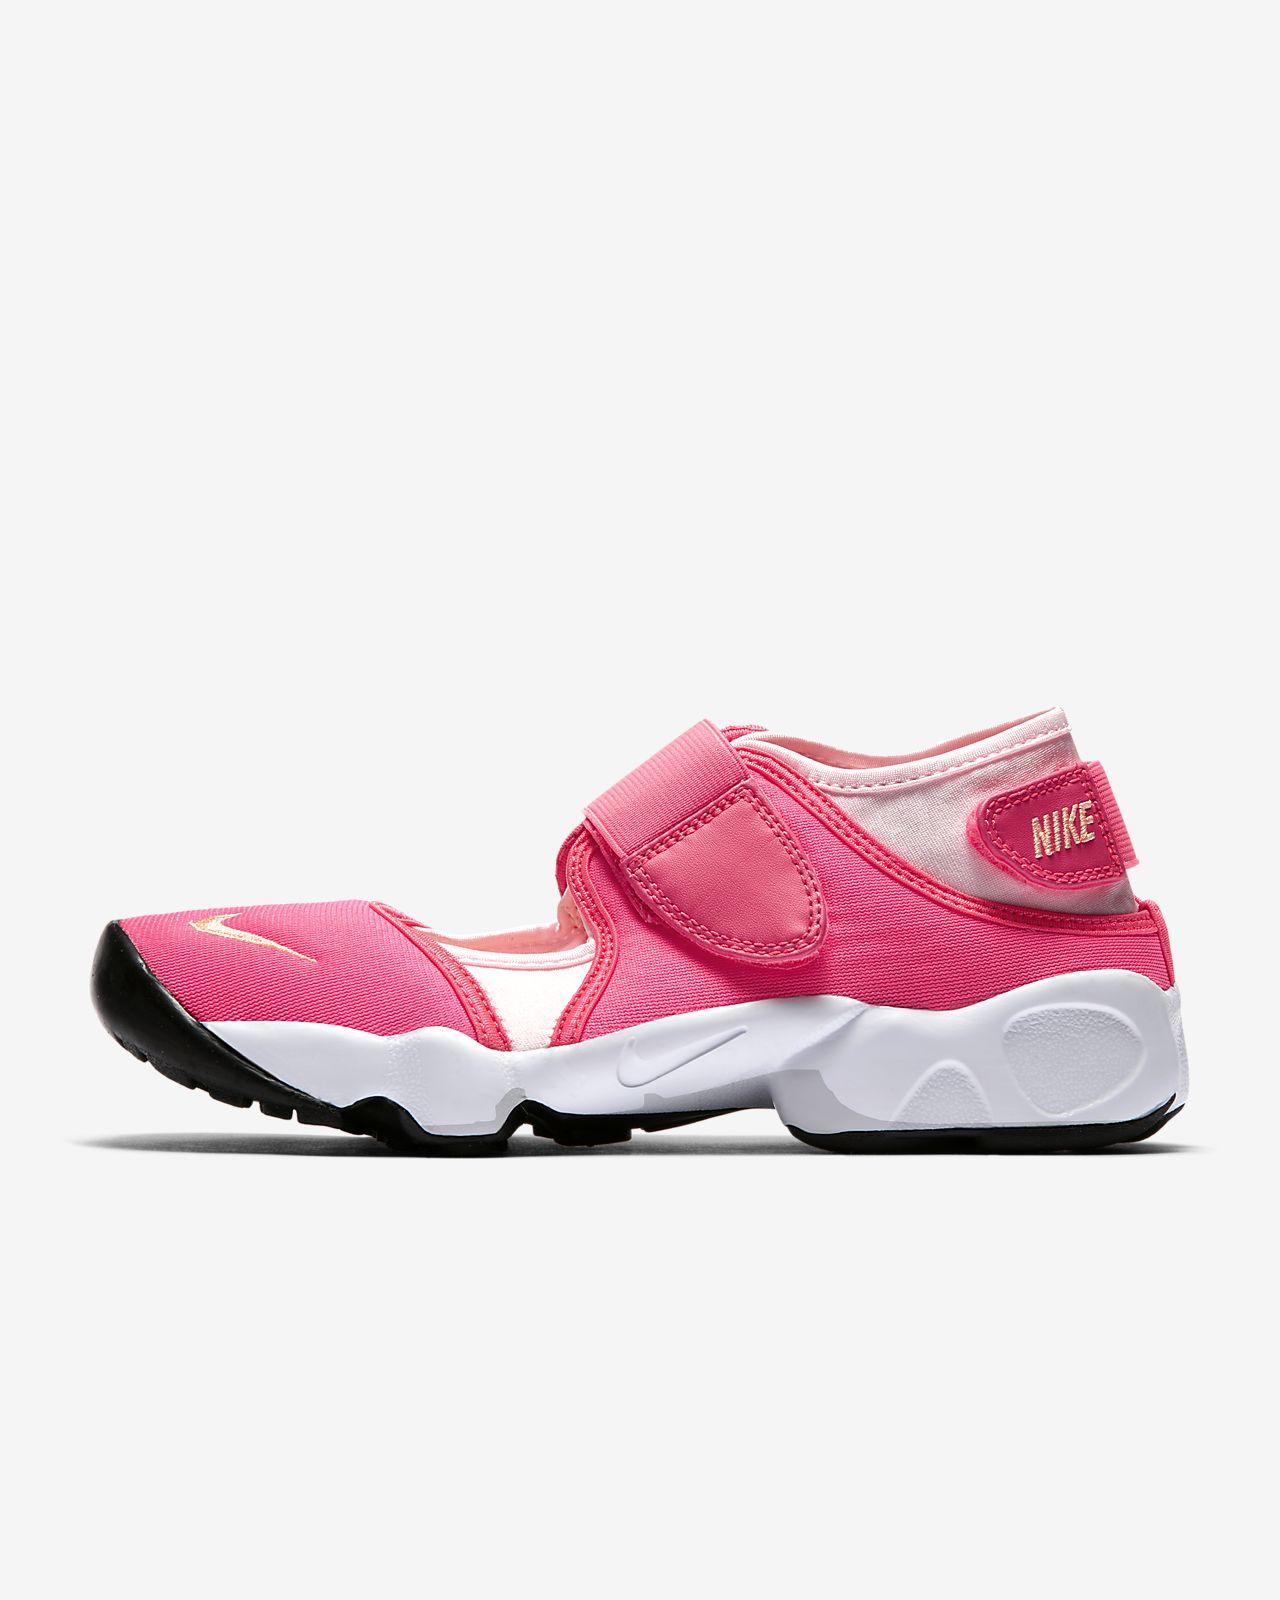 Buty dla małych/dużych dzieci Nike Rift